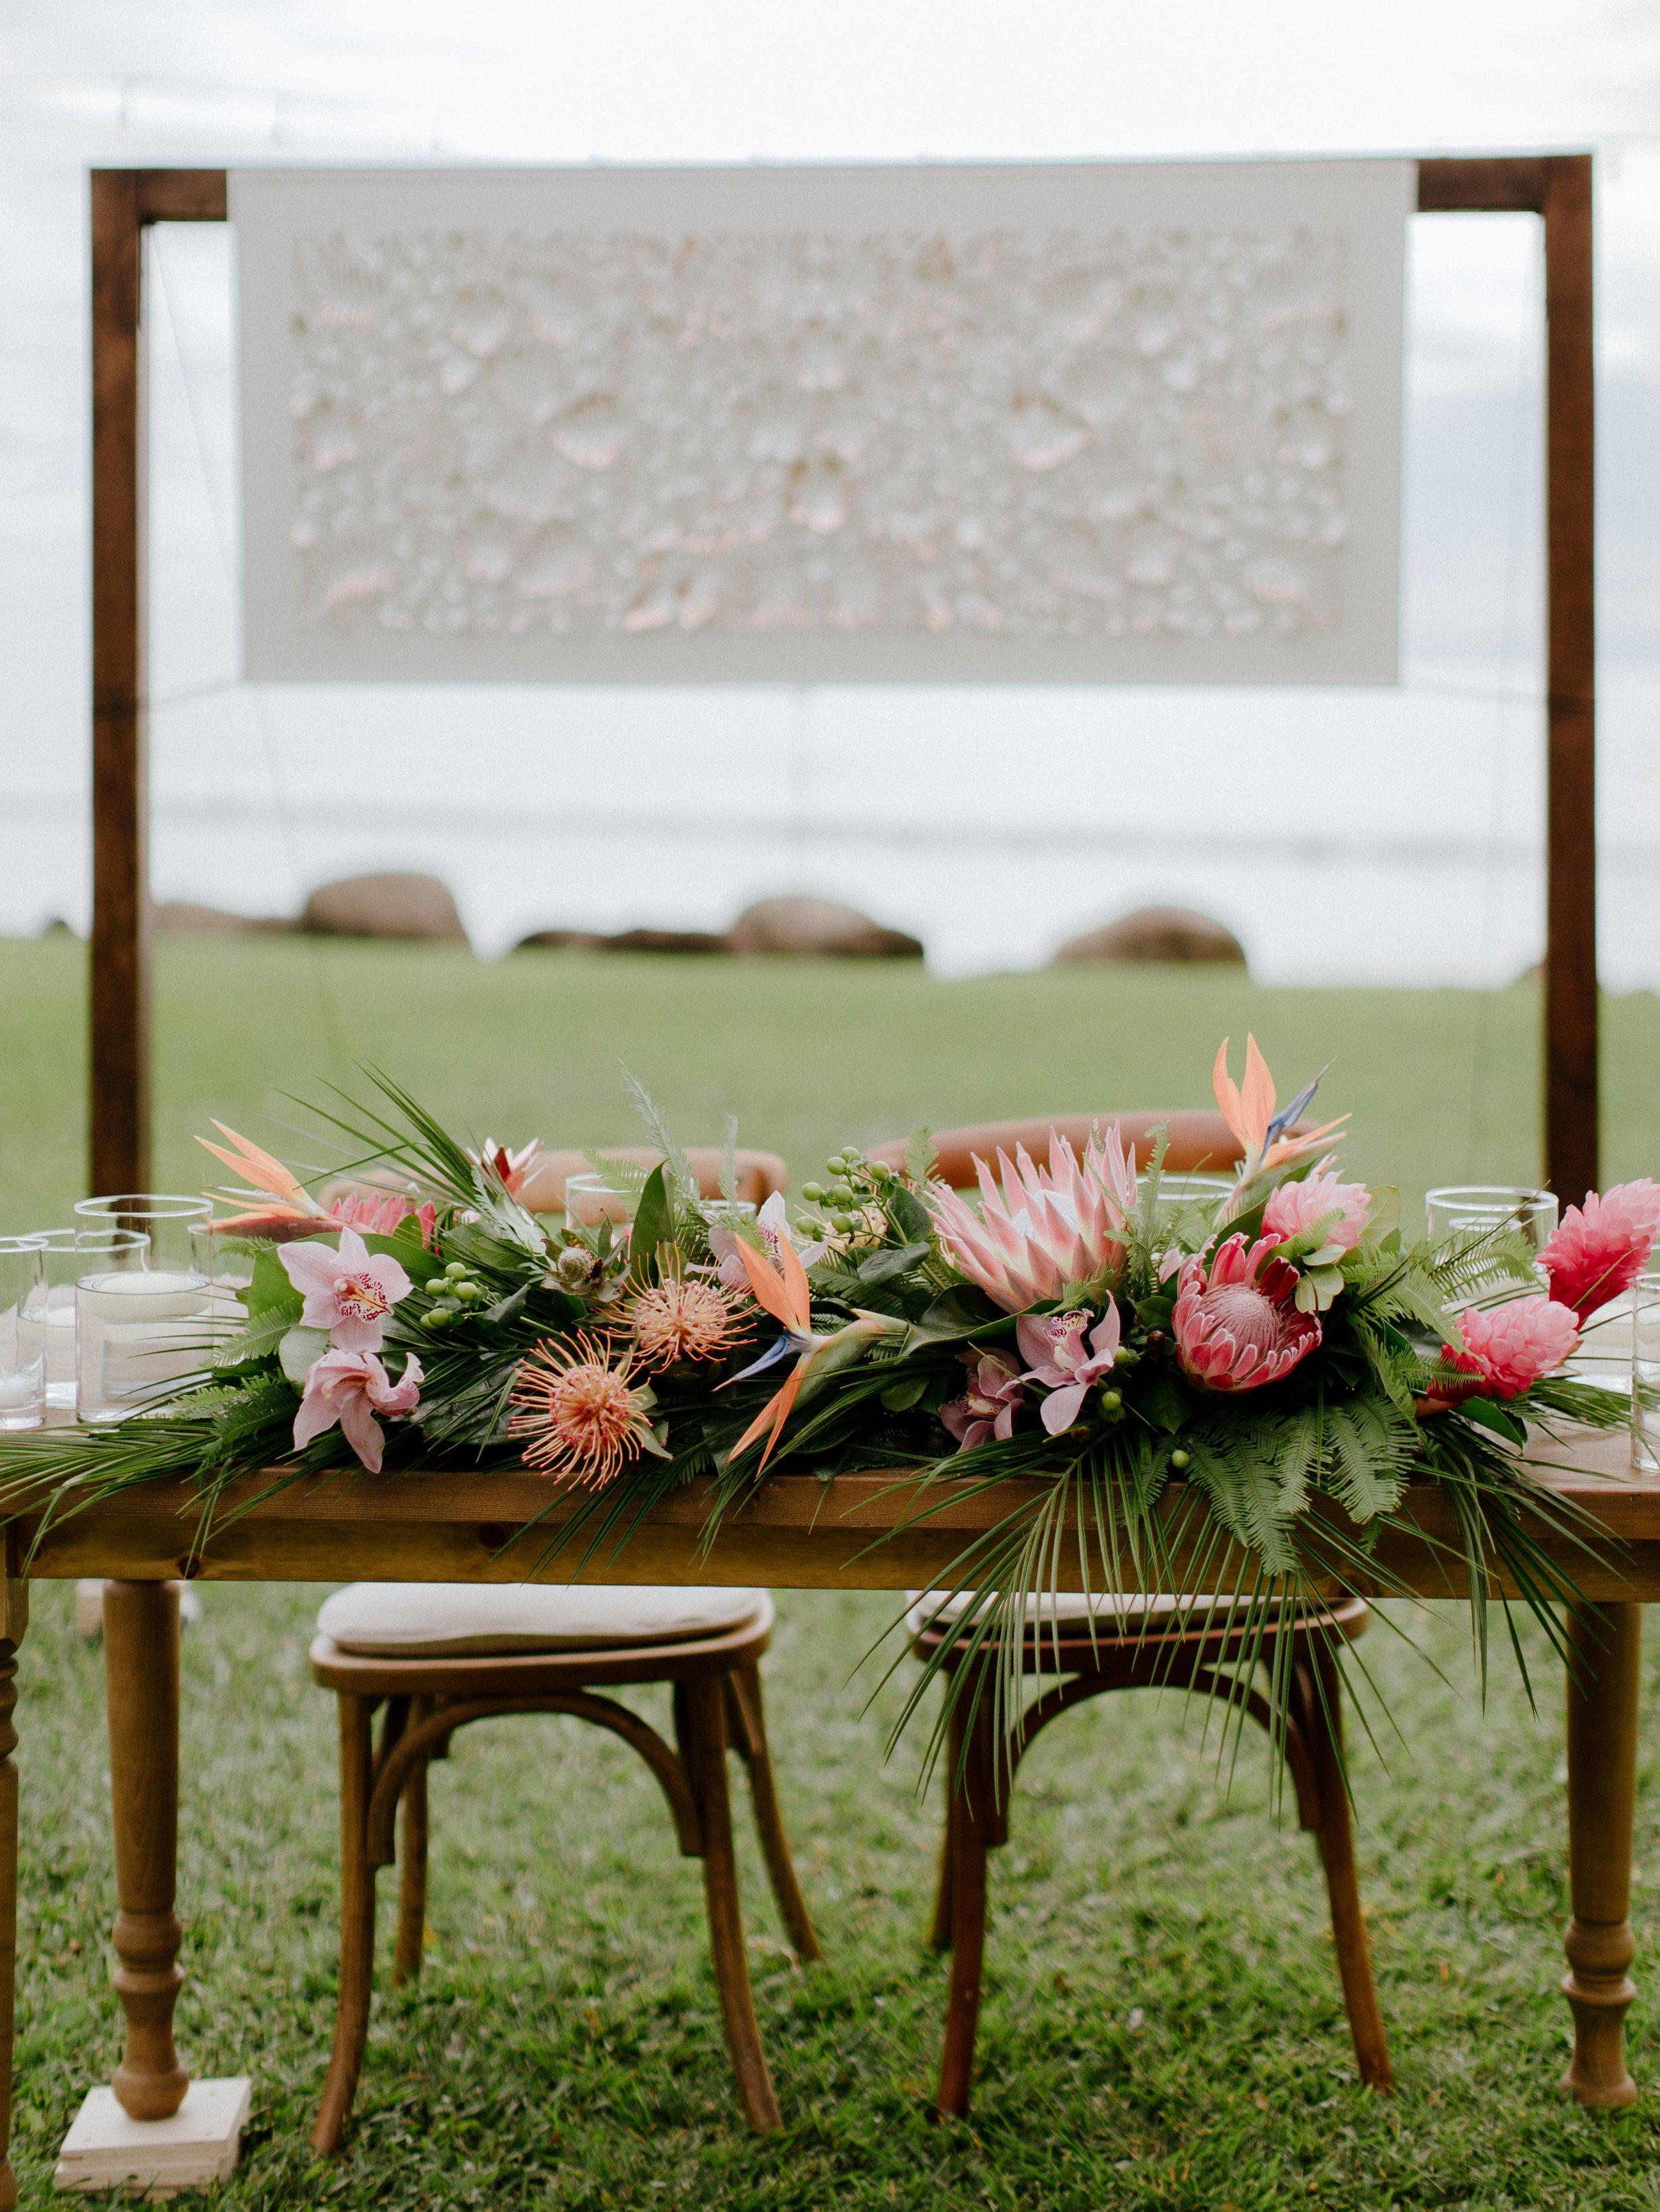 Chris-J-Evans-maui-wedding-JA609.jpg